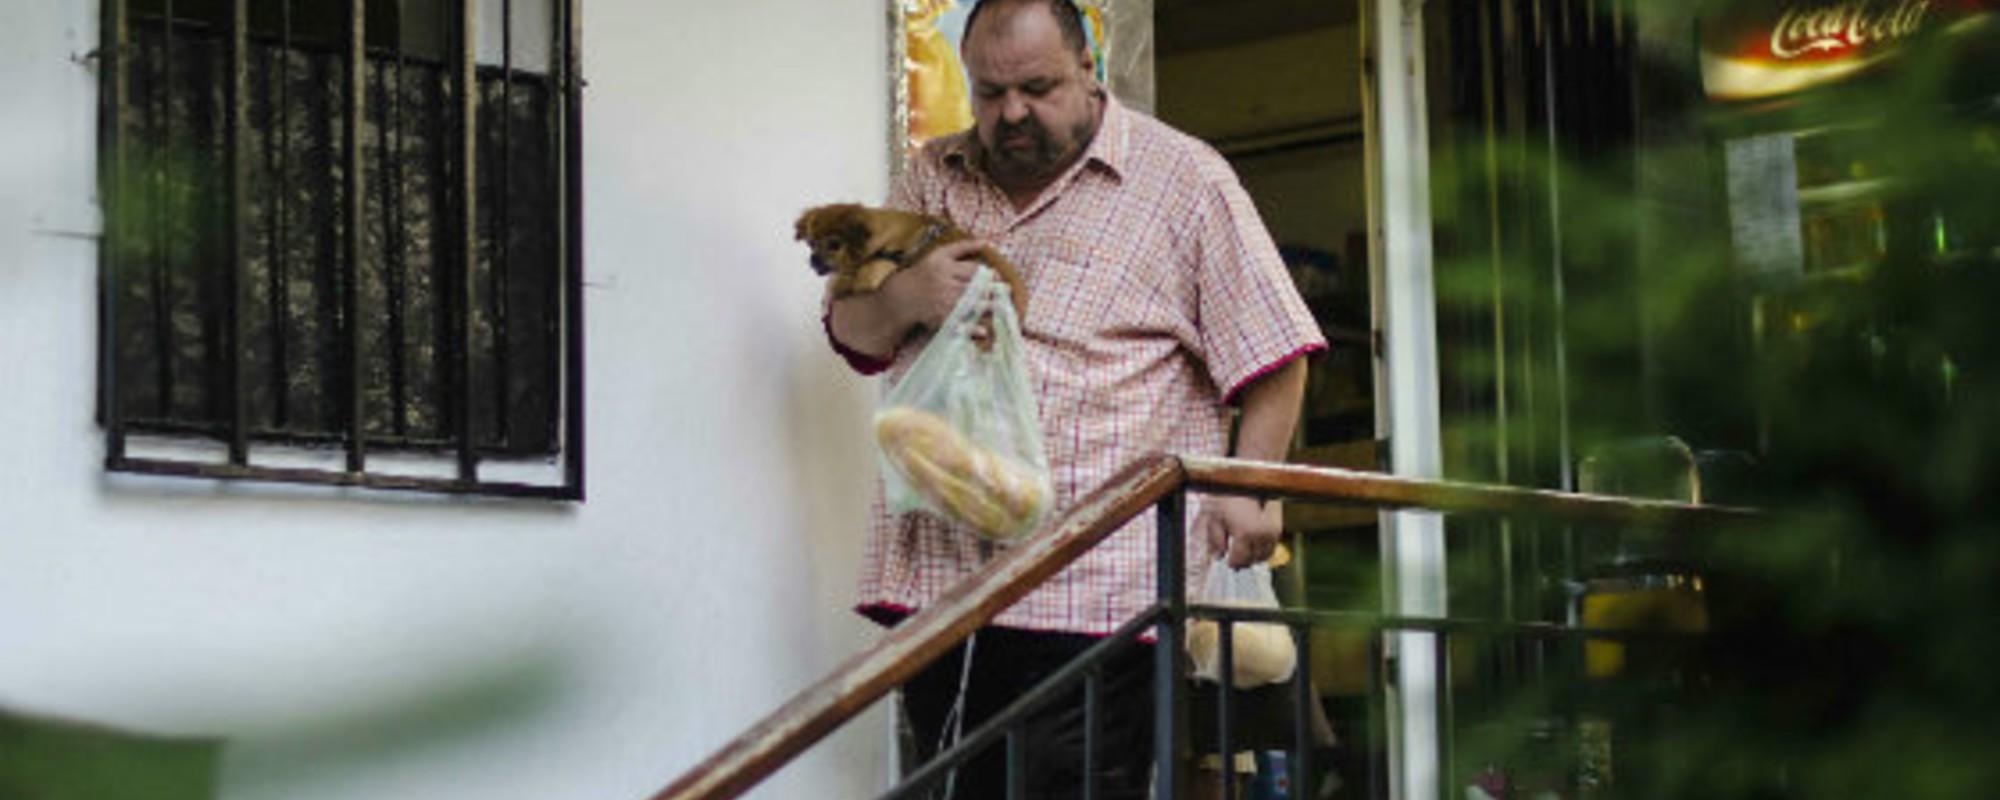 Fotografii cu bucureșteni care își plimbă câinii prin oraș